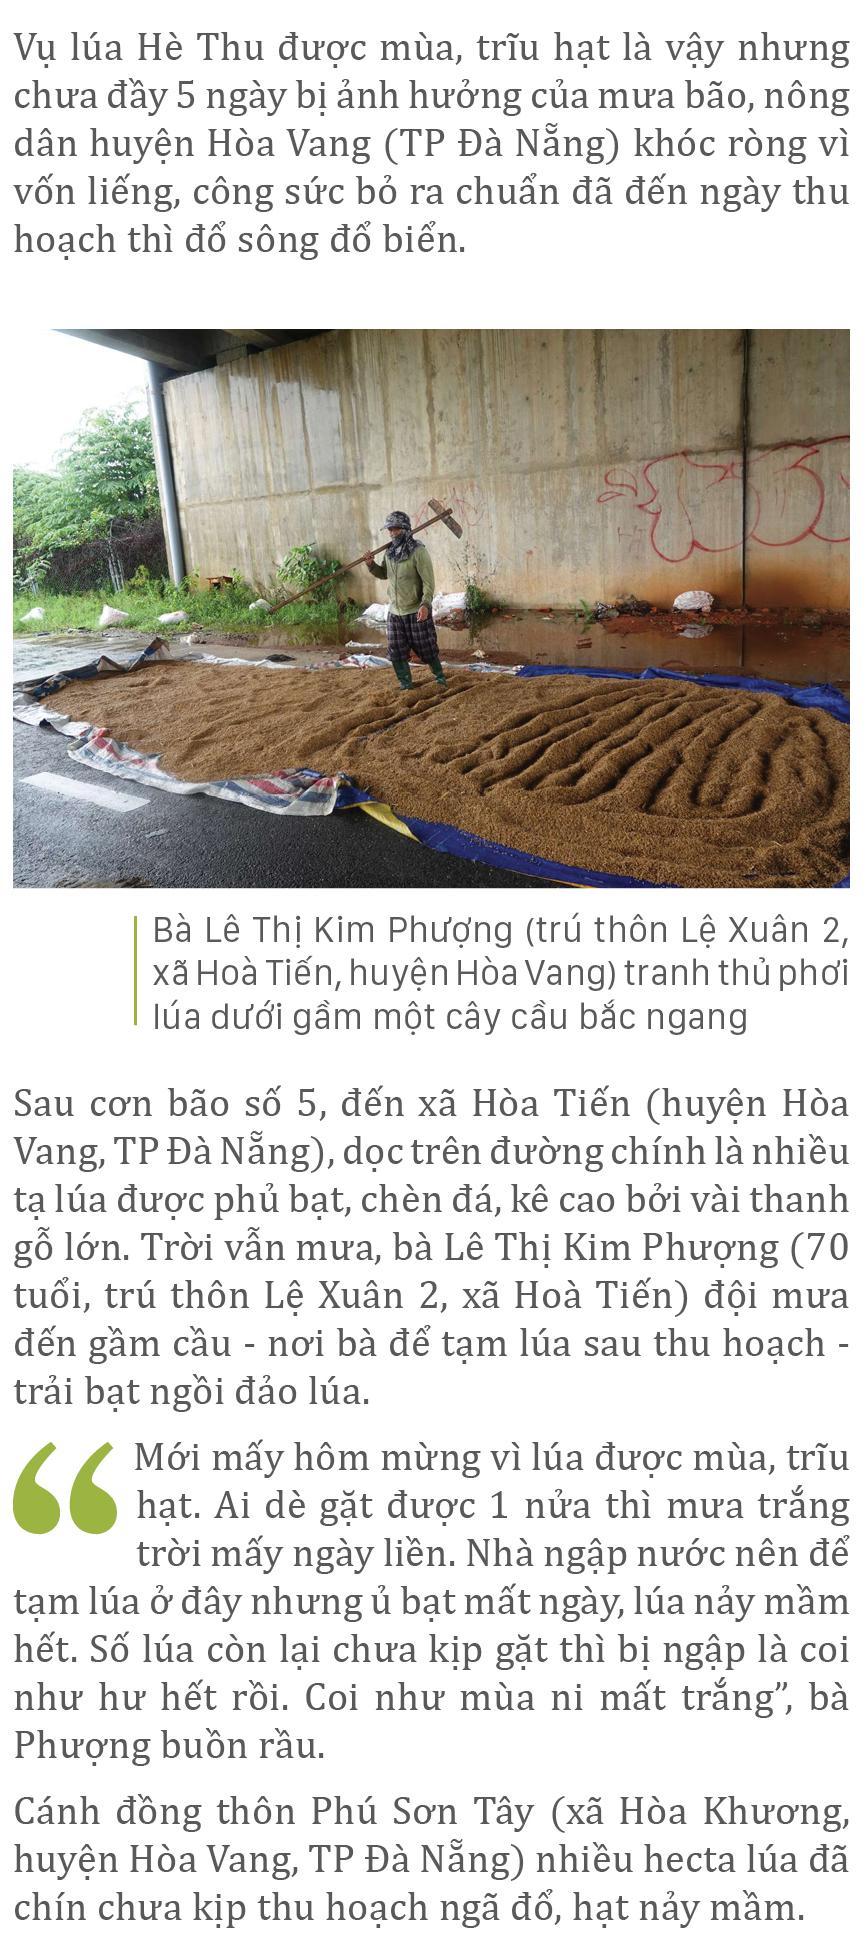 Nông dân miền Trung dầm mình cứu lúa sau mưa bão  ảnh 21